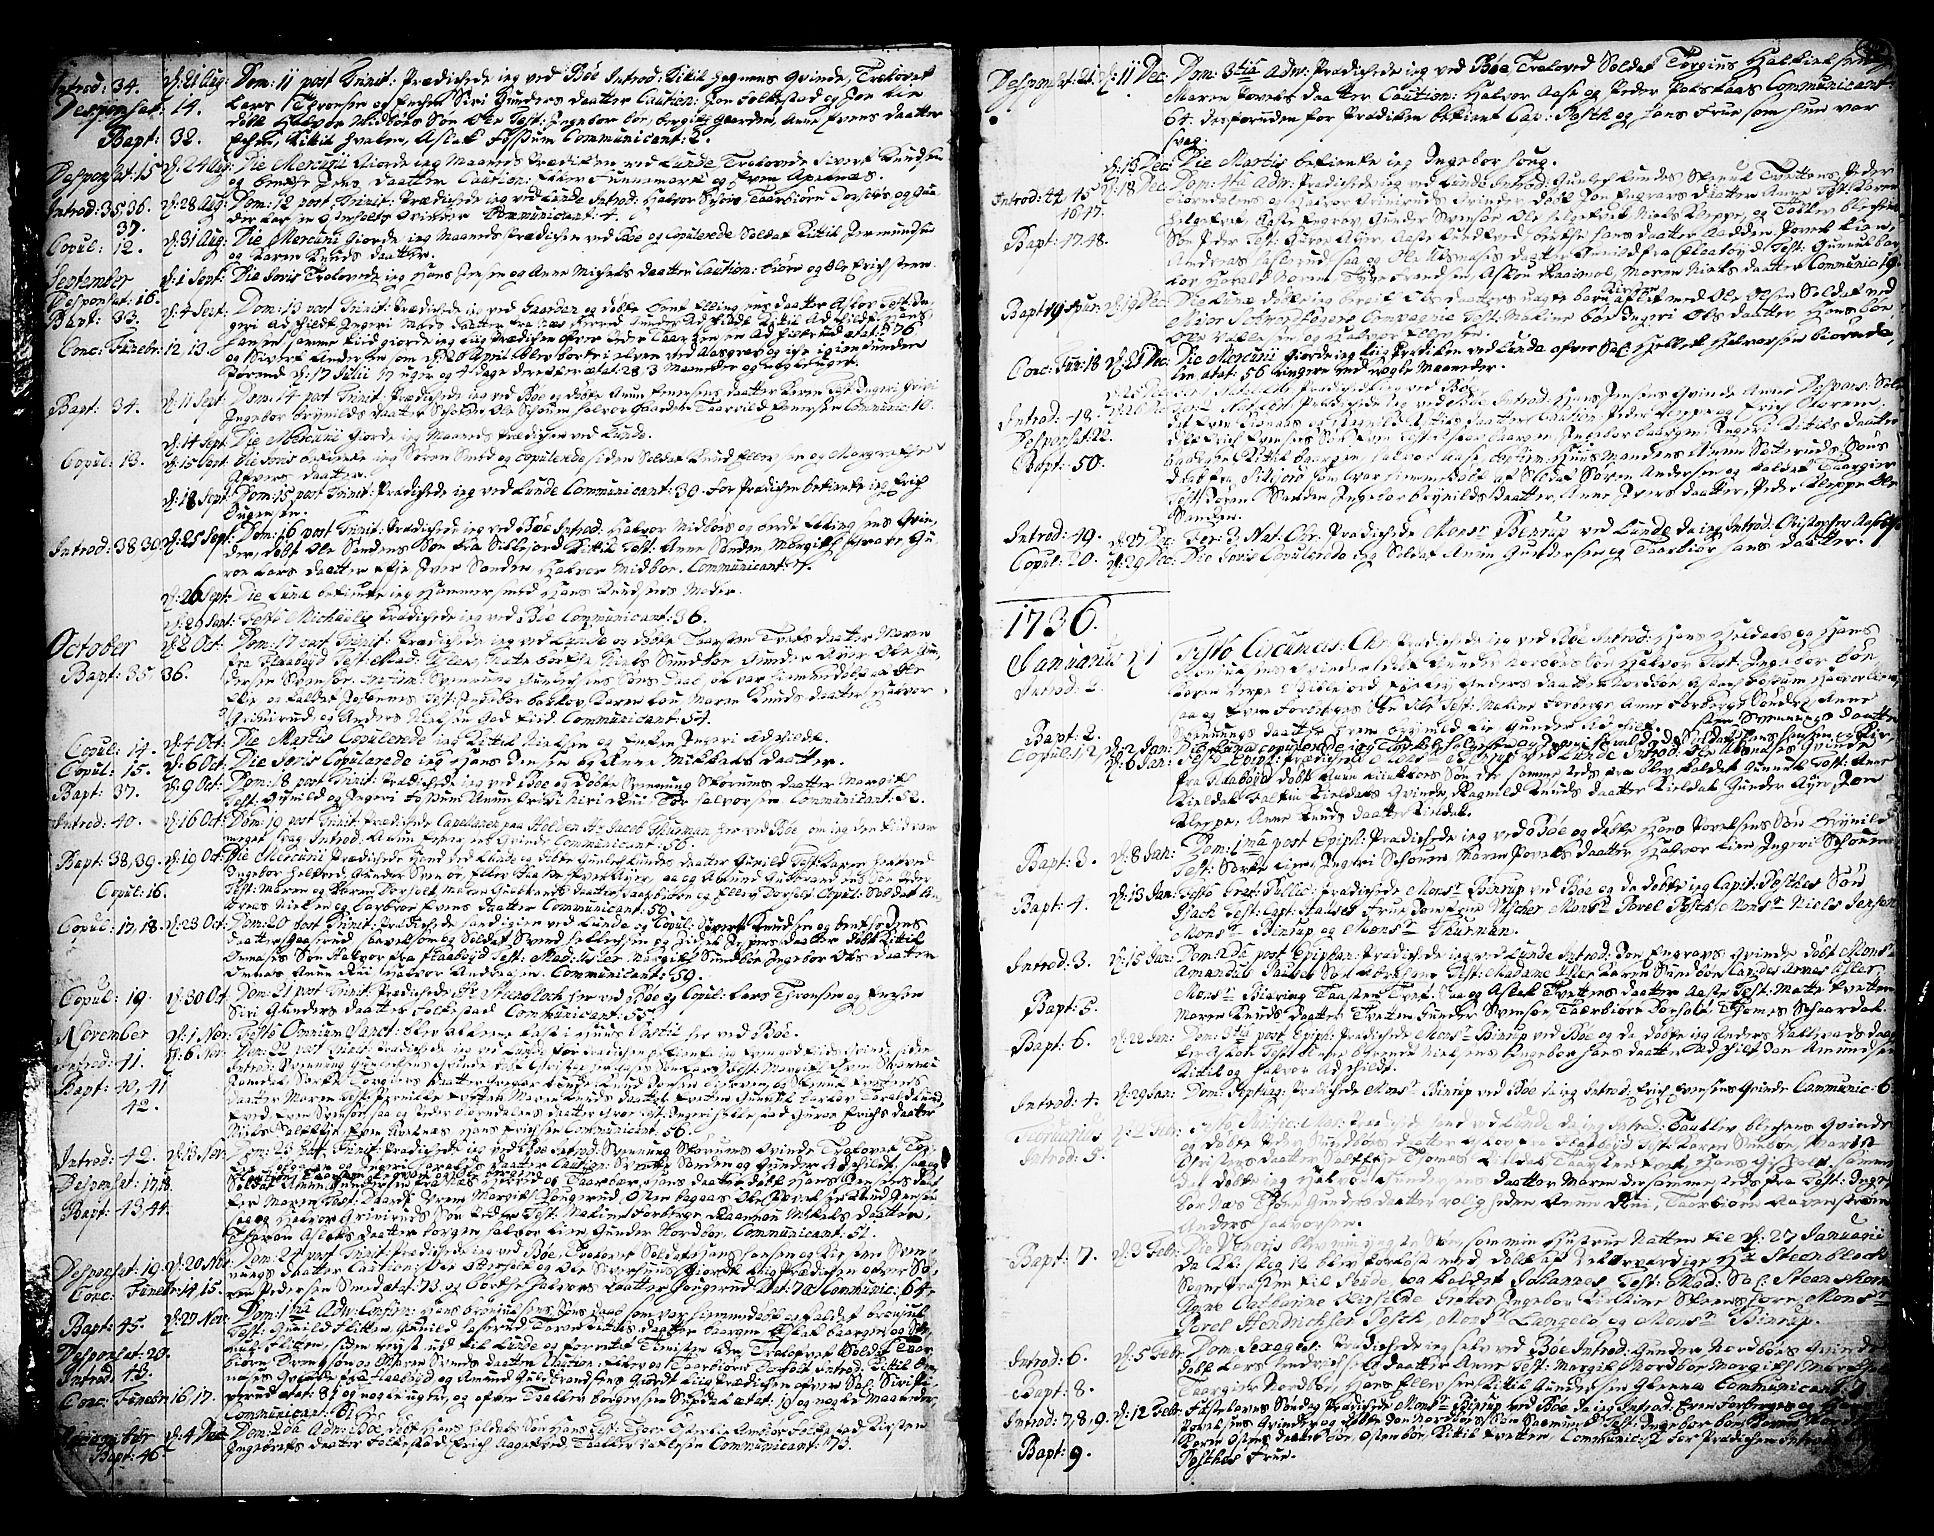 SAKO, Bø kirkebøker, F/Fa/L0003: Ministerialbok nr. 3, 1733-1748, s. 8